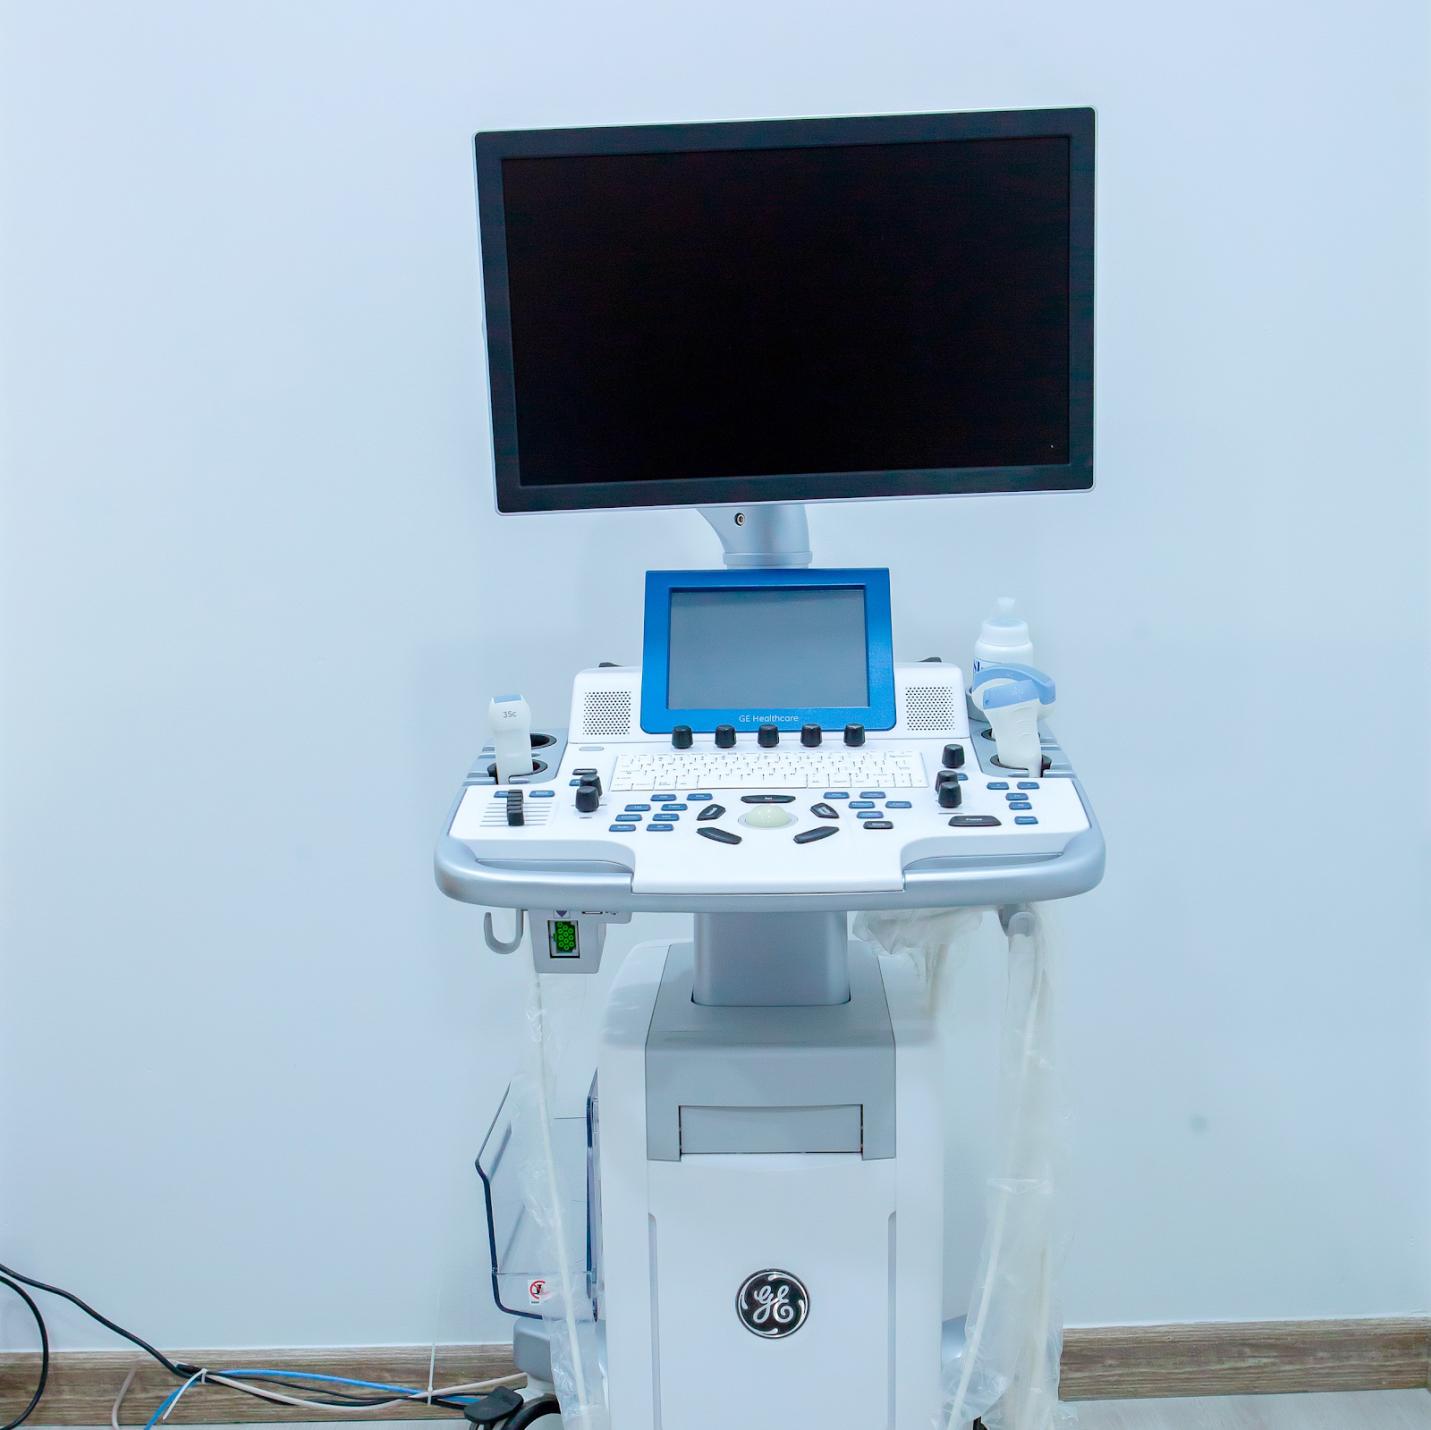 Kết quả hiển thị ở màn hình thiết bị siêu âm